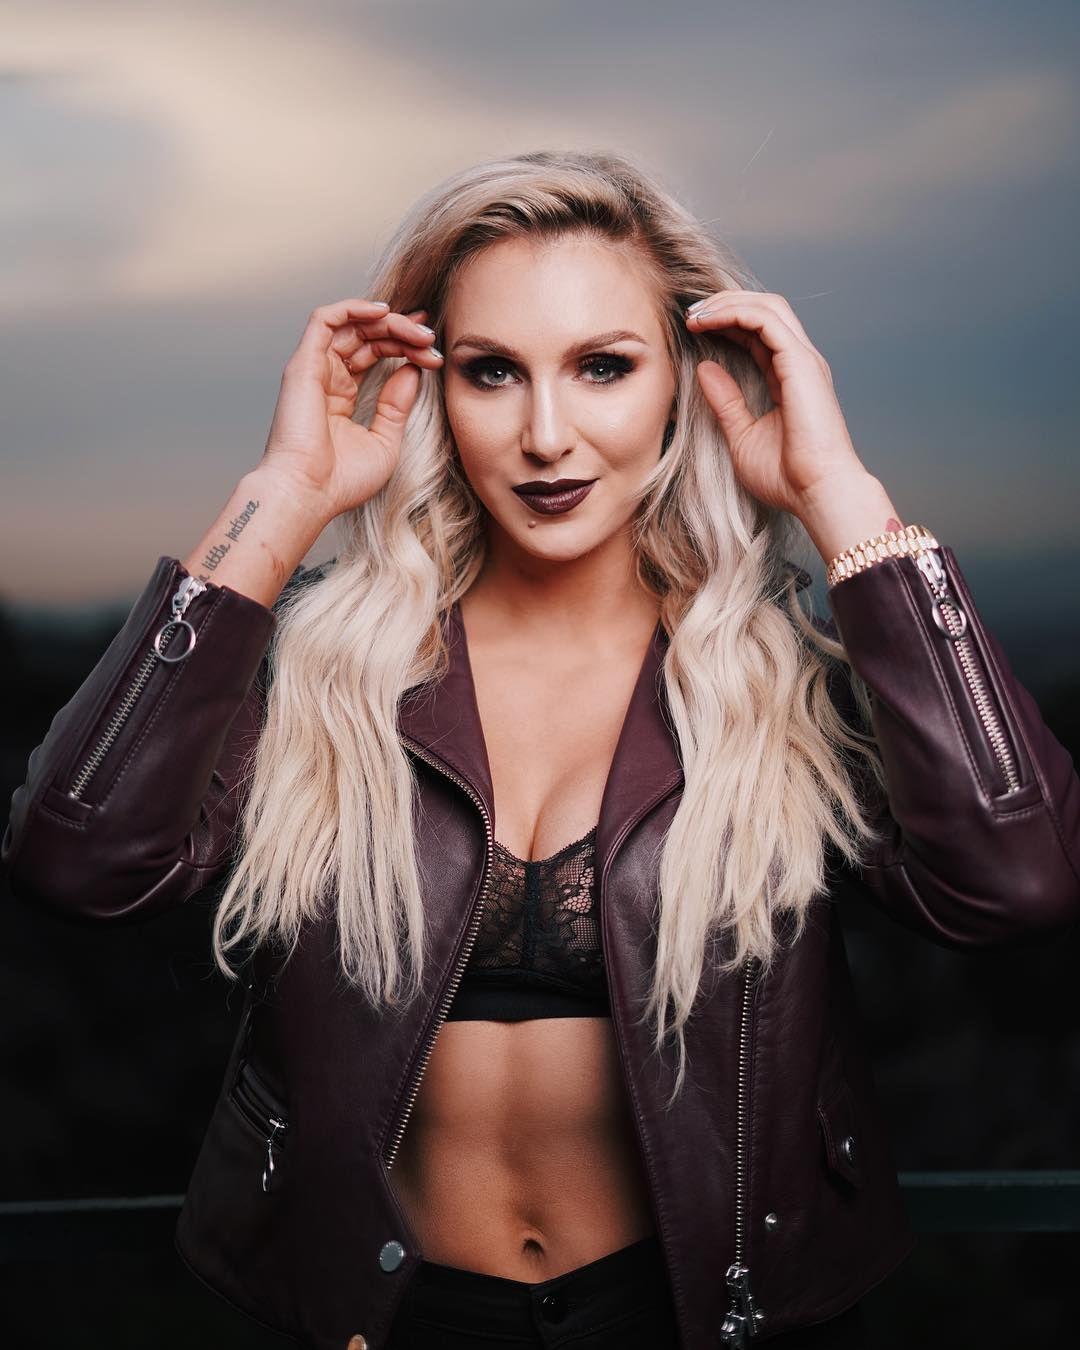 Tisha Marie Payton